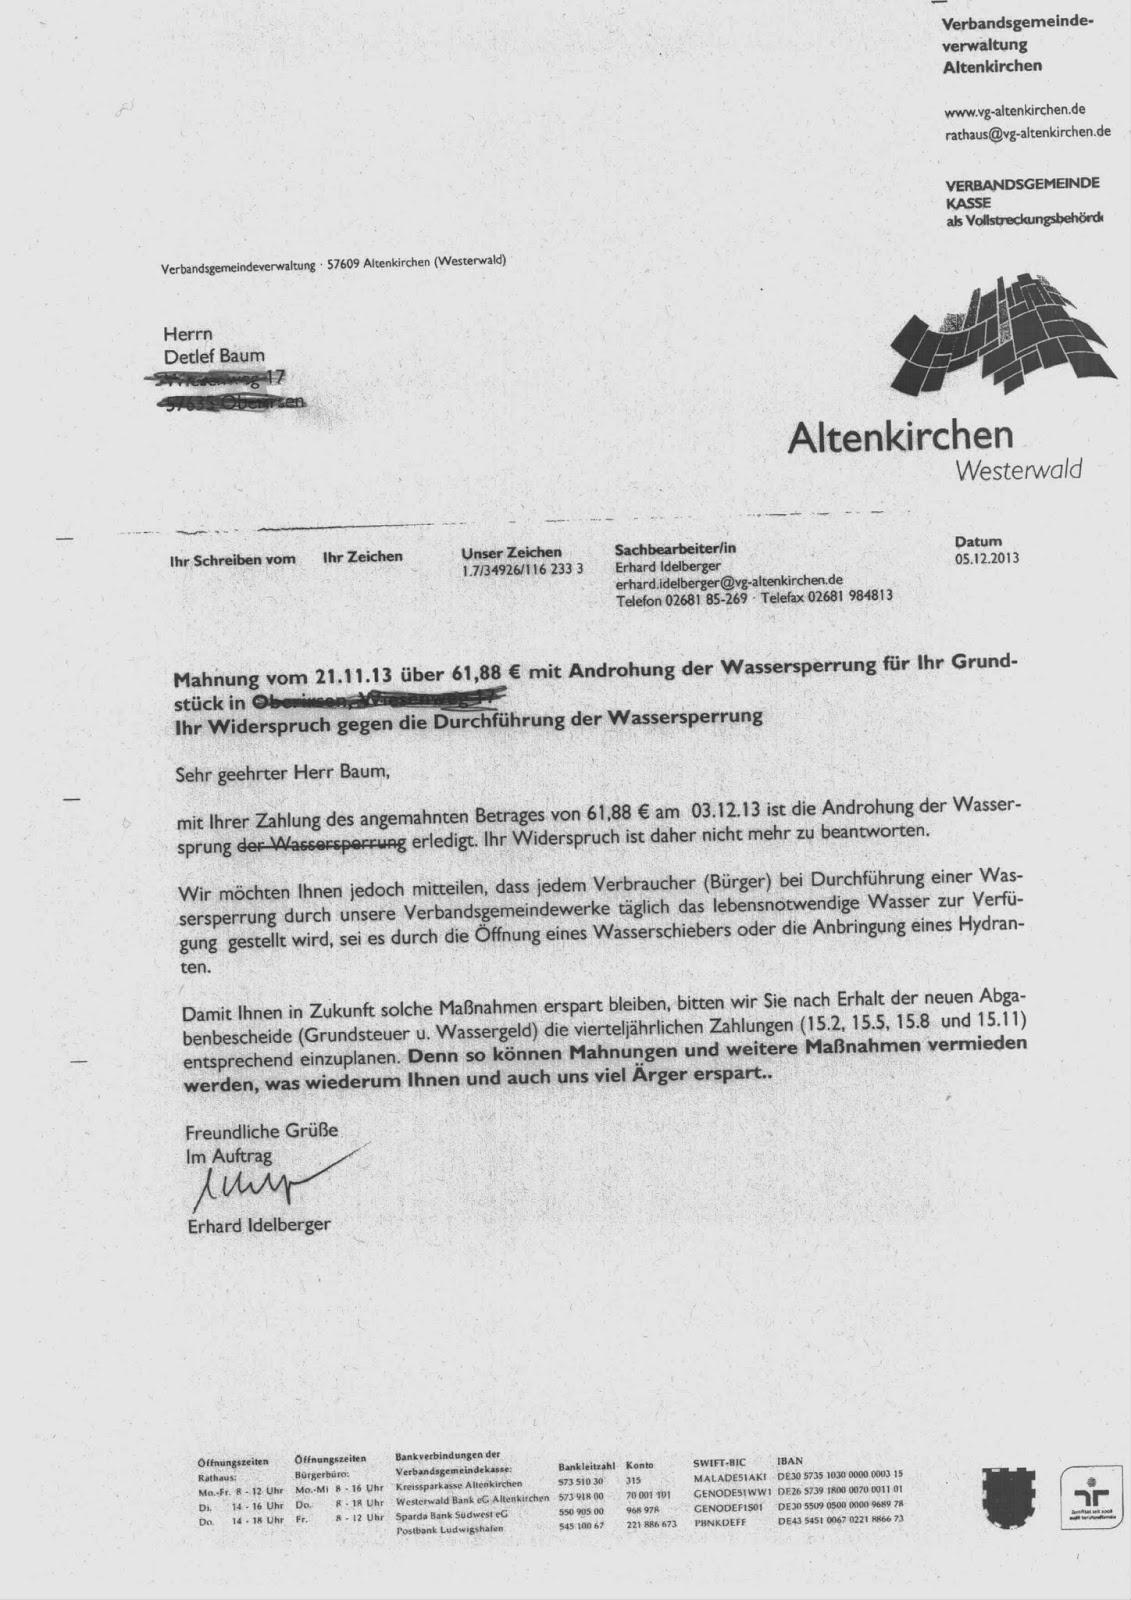 Verbandsgemeinde Verweist Bei Wassersperrung Auf öffnen Des